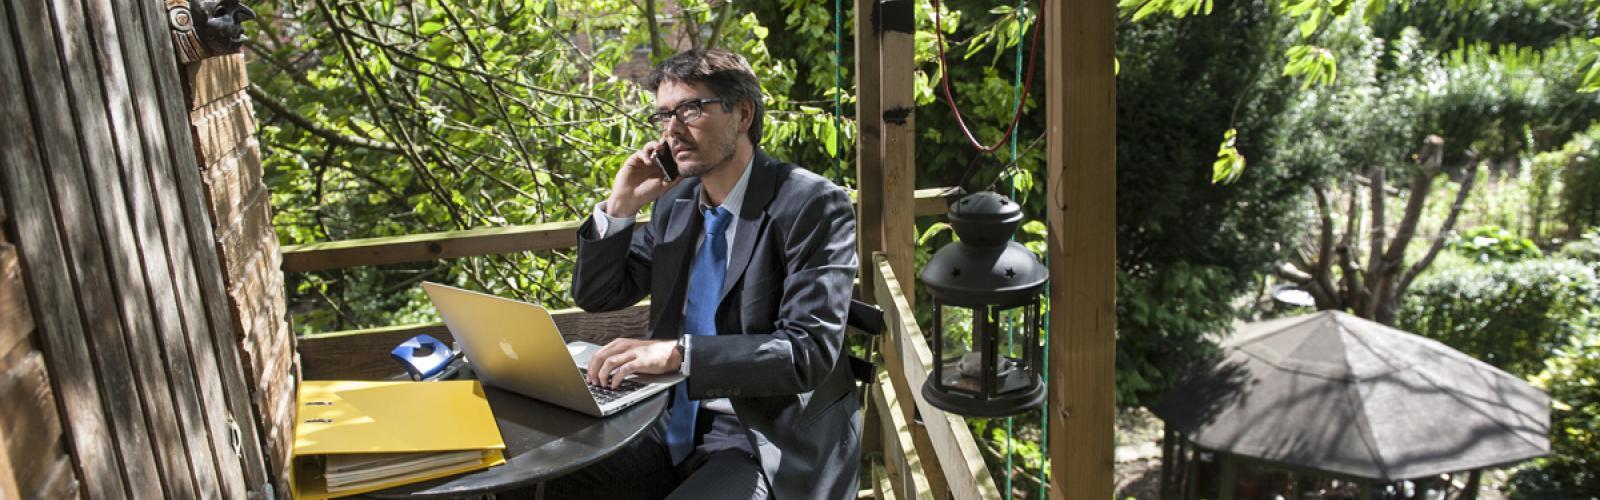 Persoon werkt op laptop en belt met gsm in een boomhut in groene omgeving